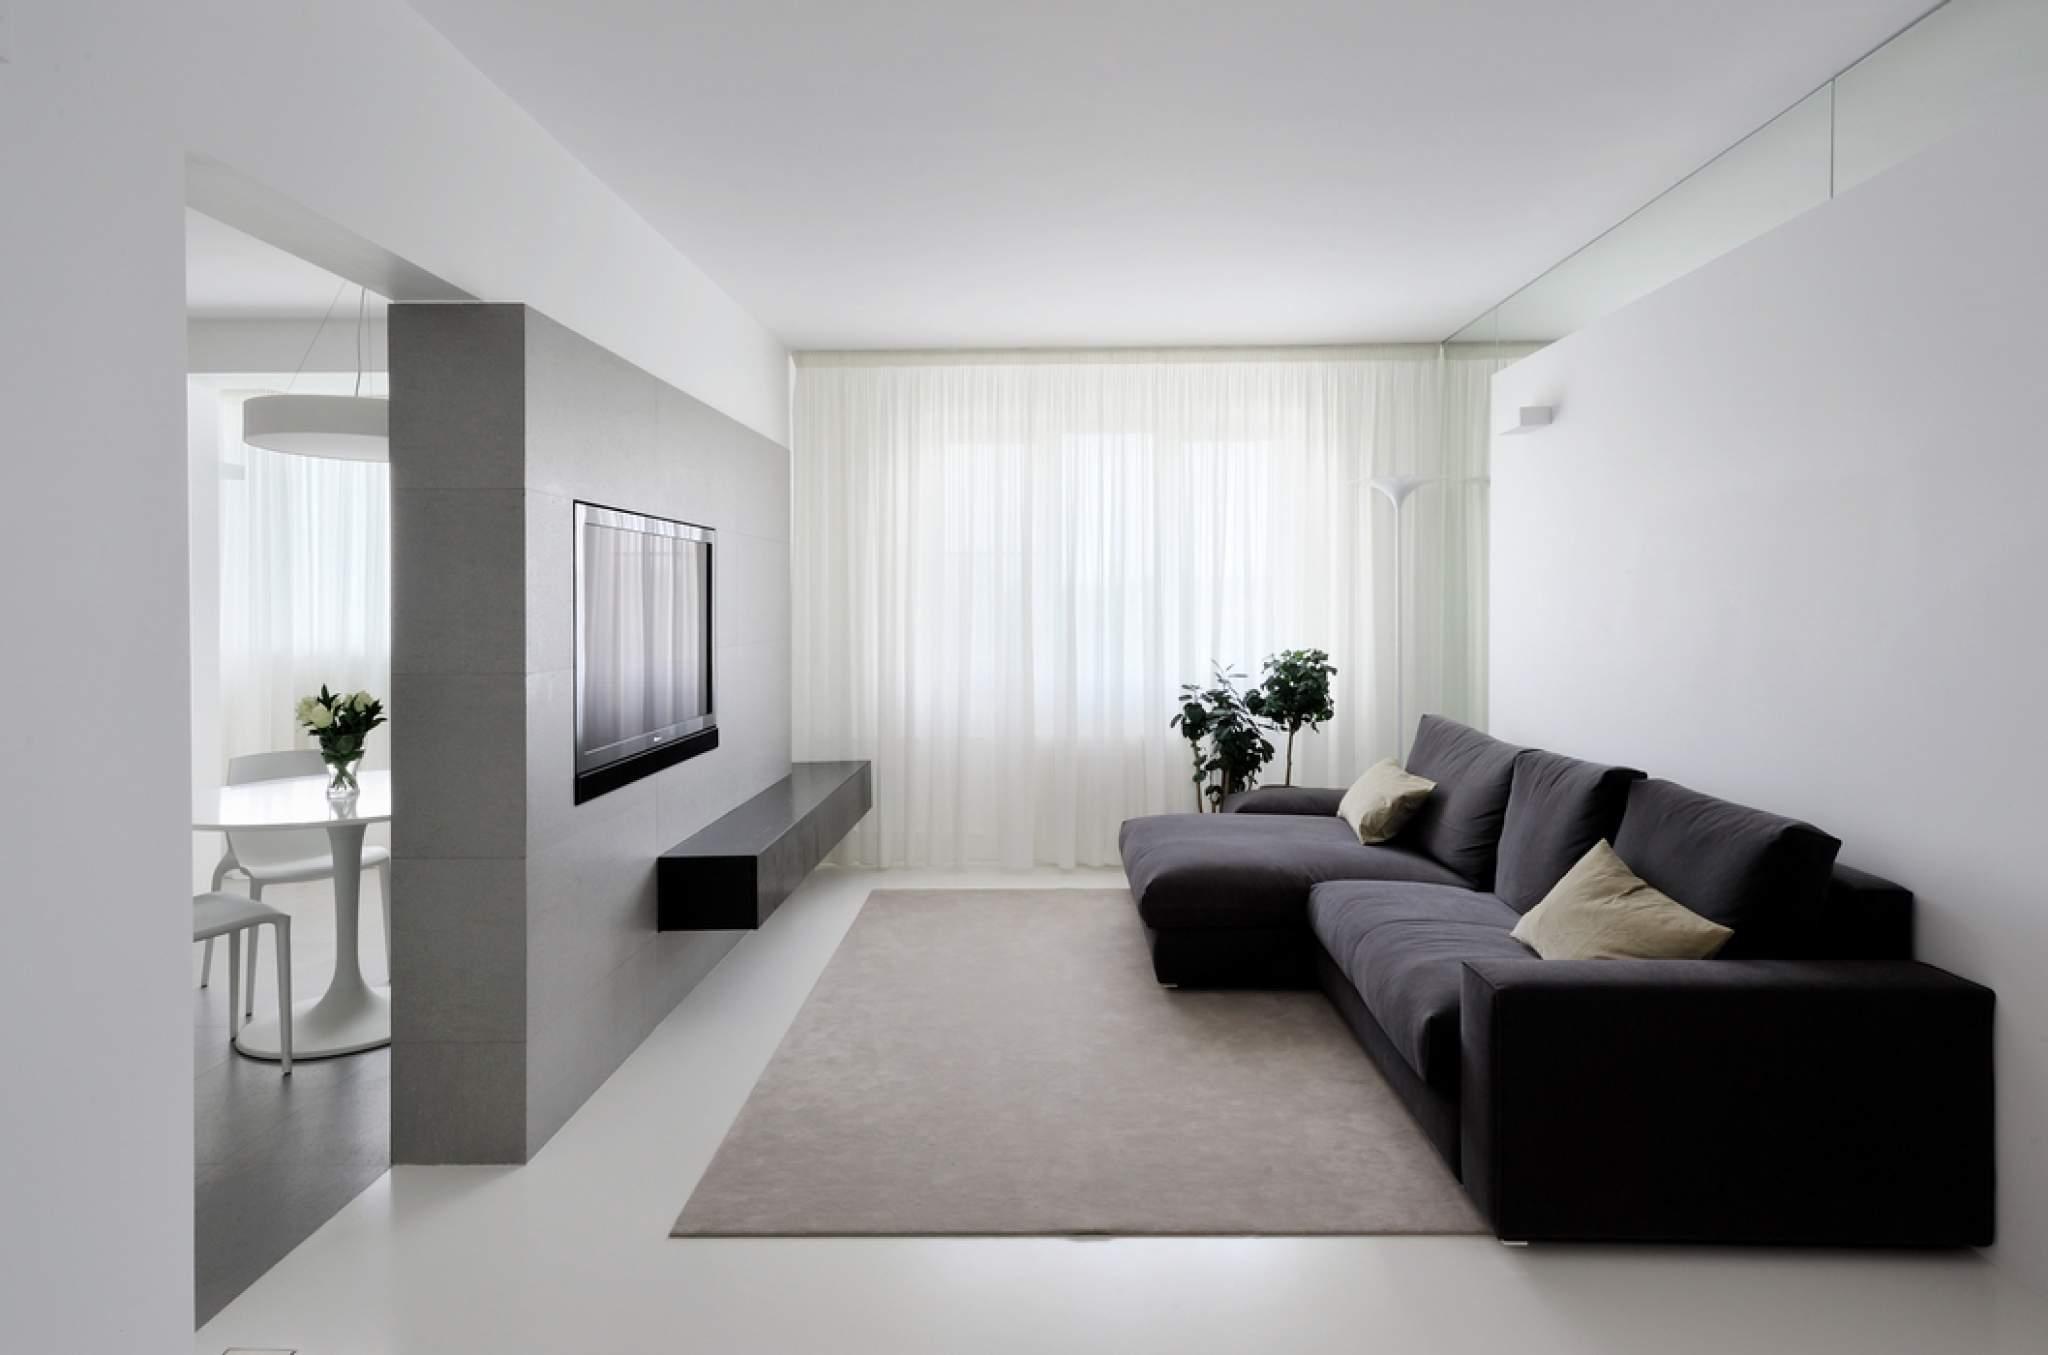 Интерьер гостиной фото минимализм